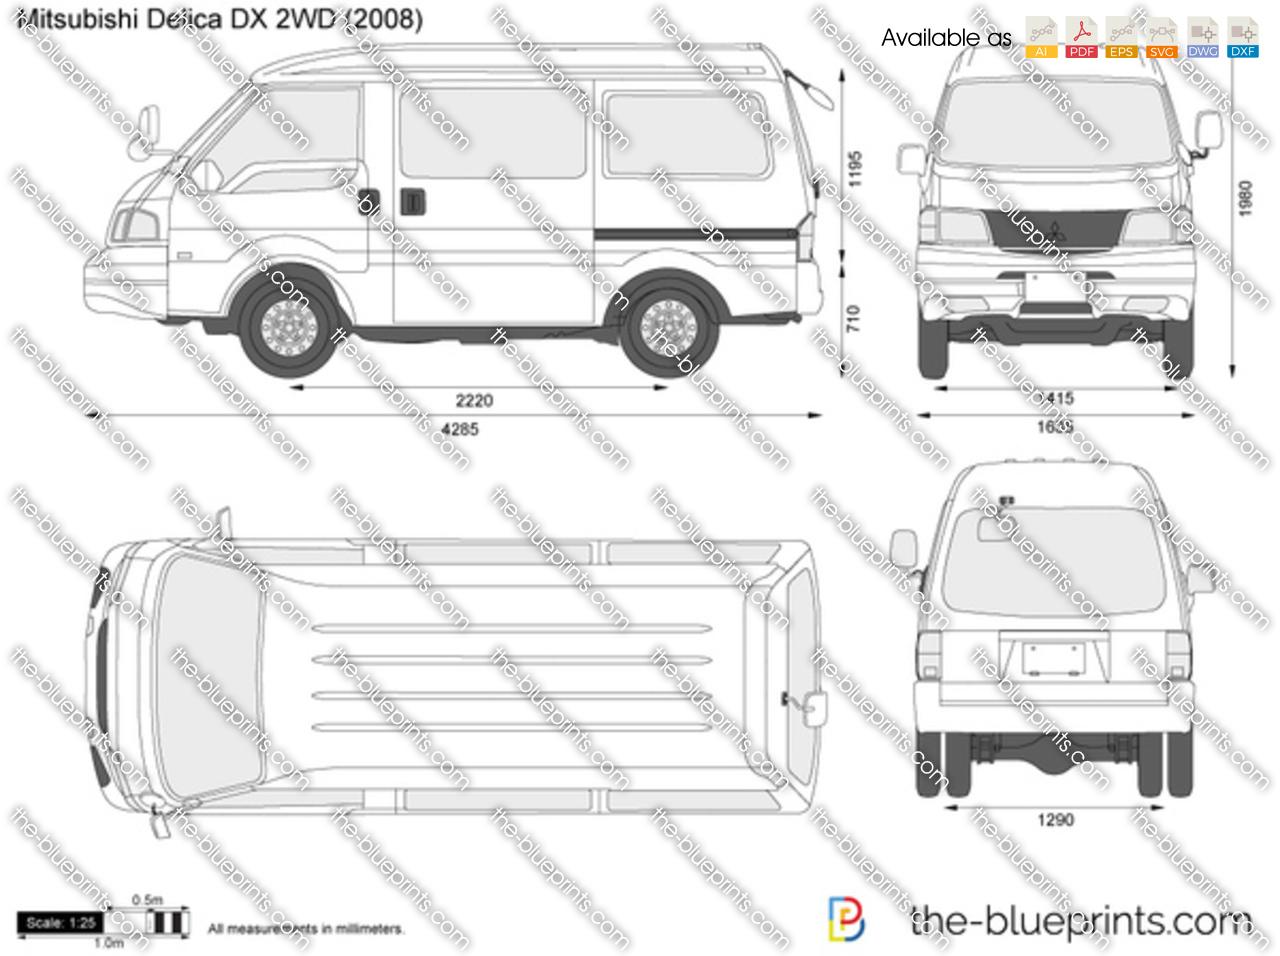 Mitsubishi Delica DX 2WD 1991